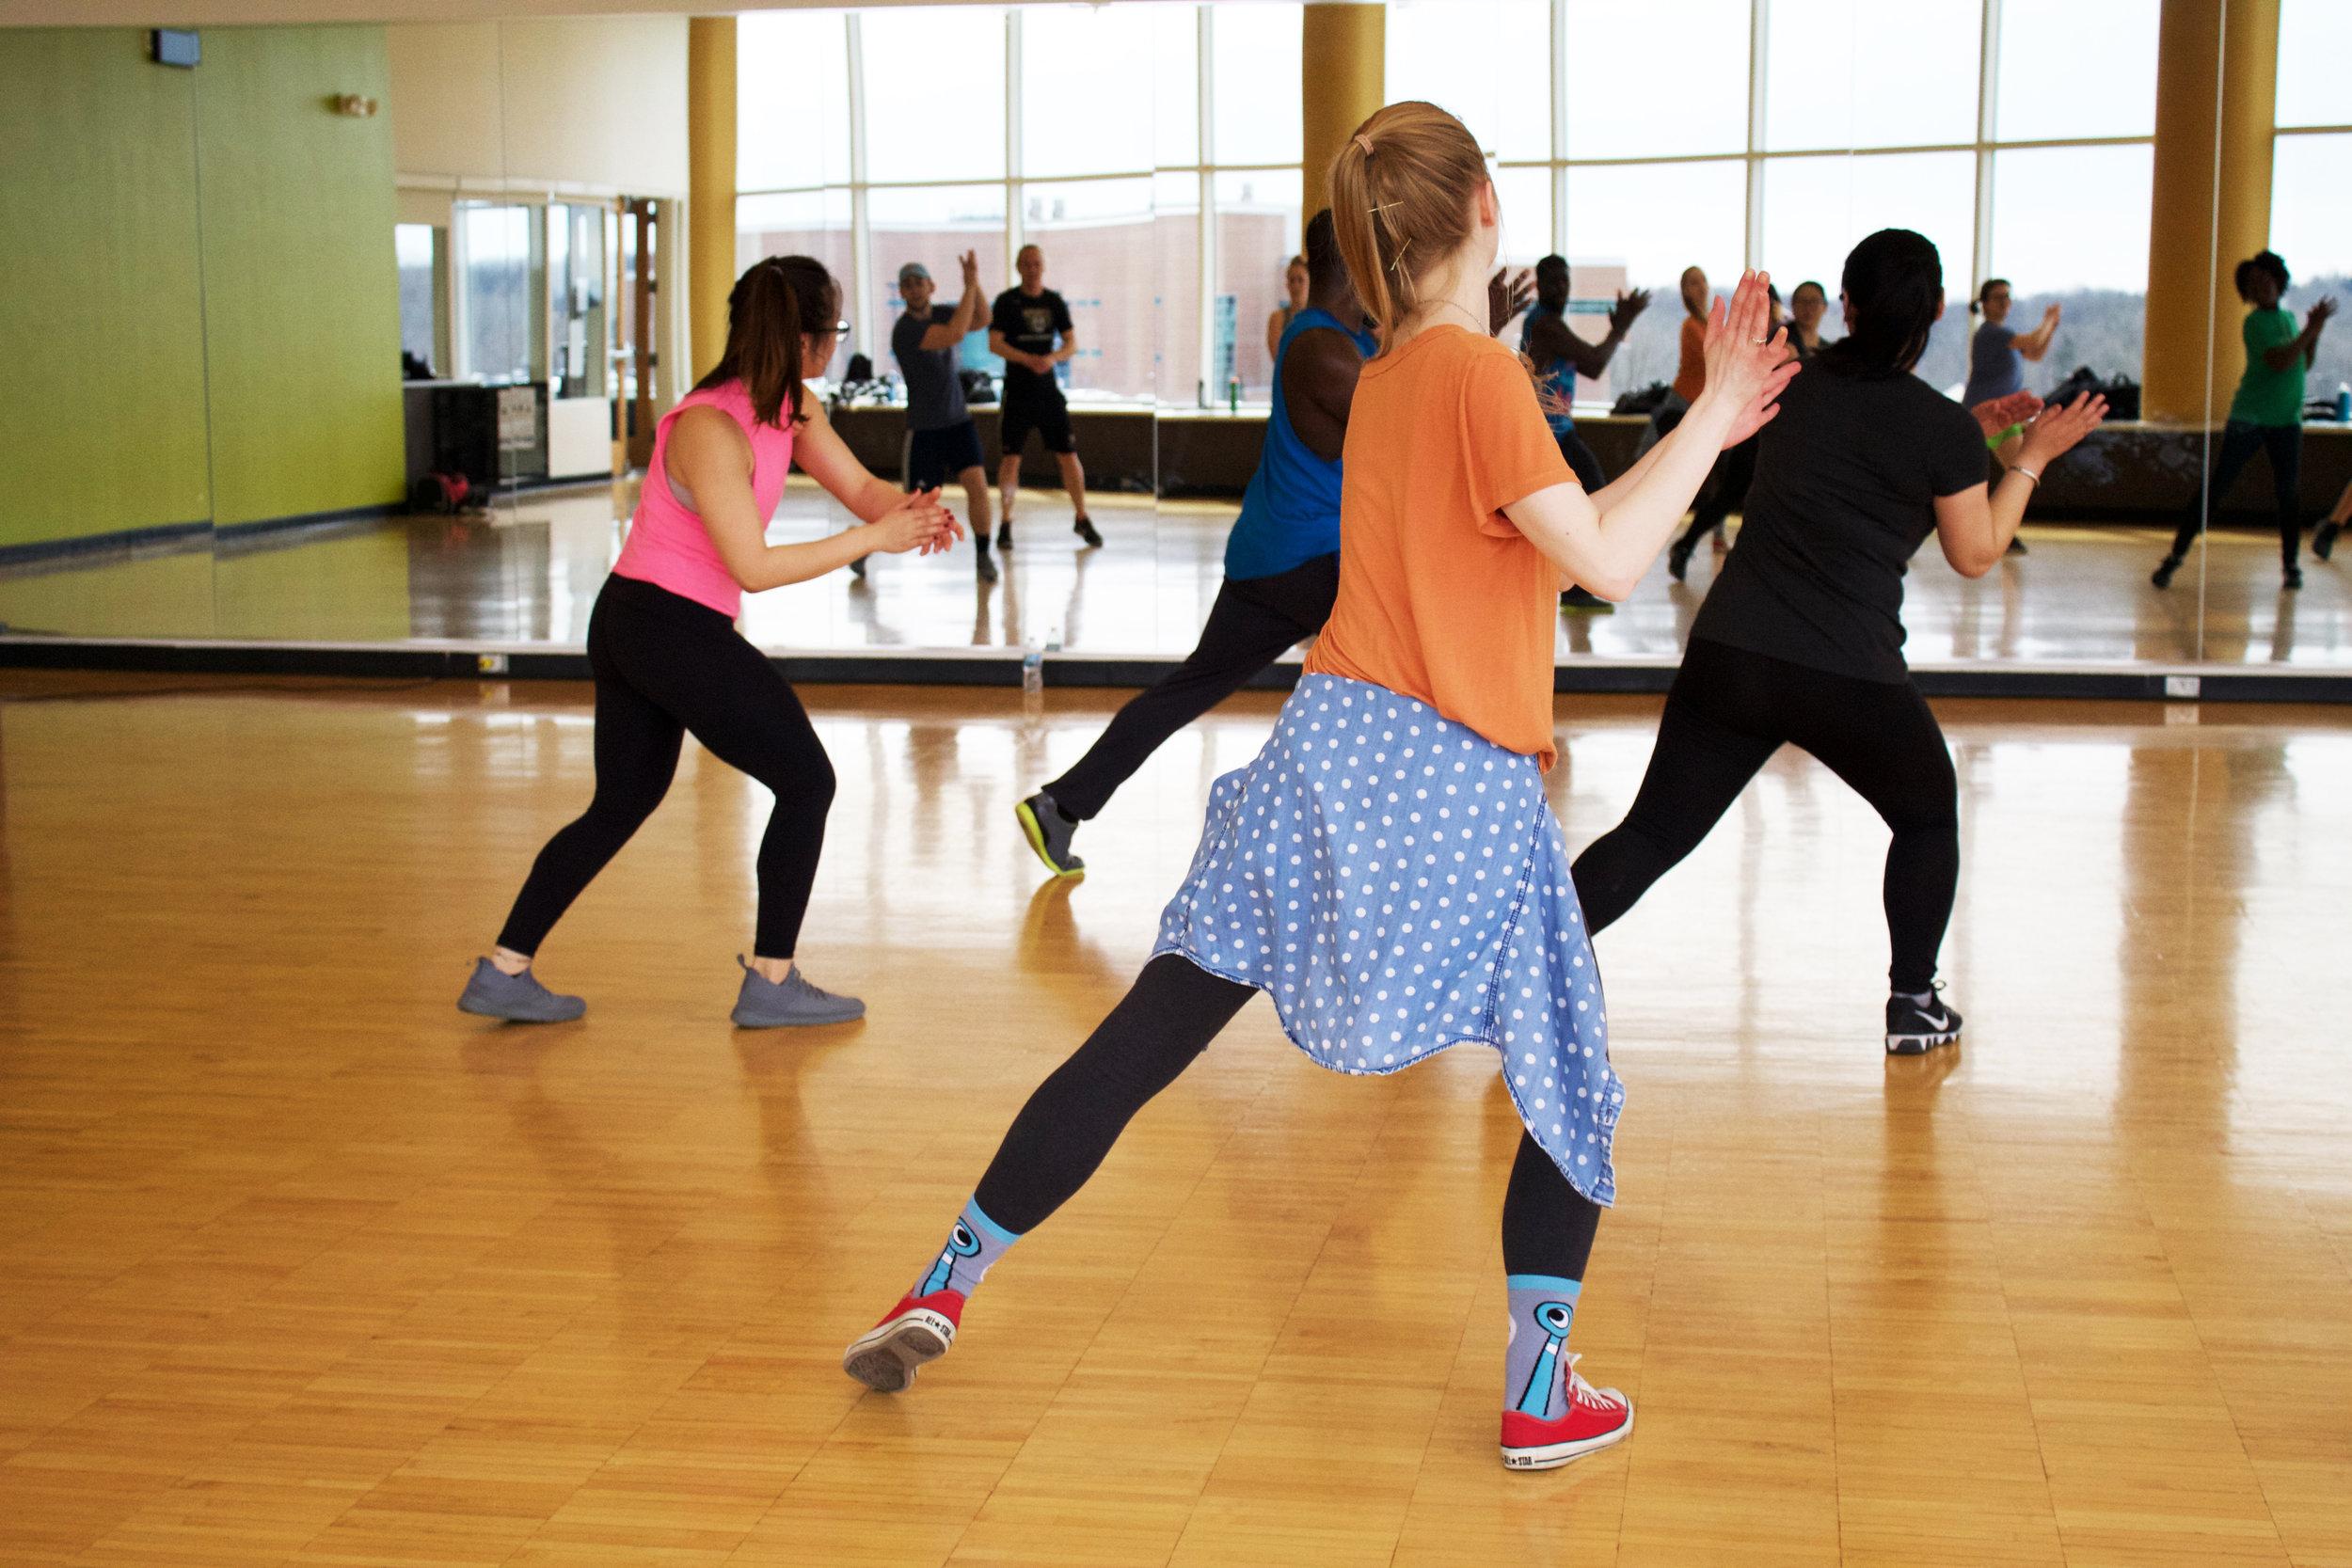 Aerobic Dancing = Vigorous Intensity